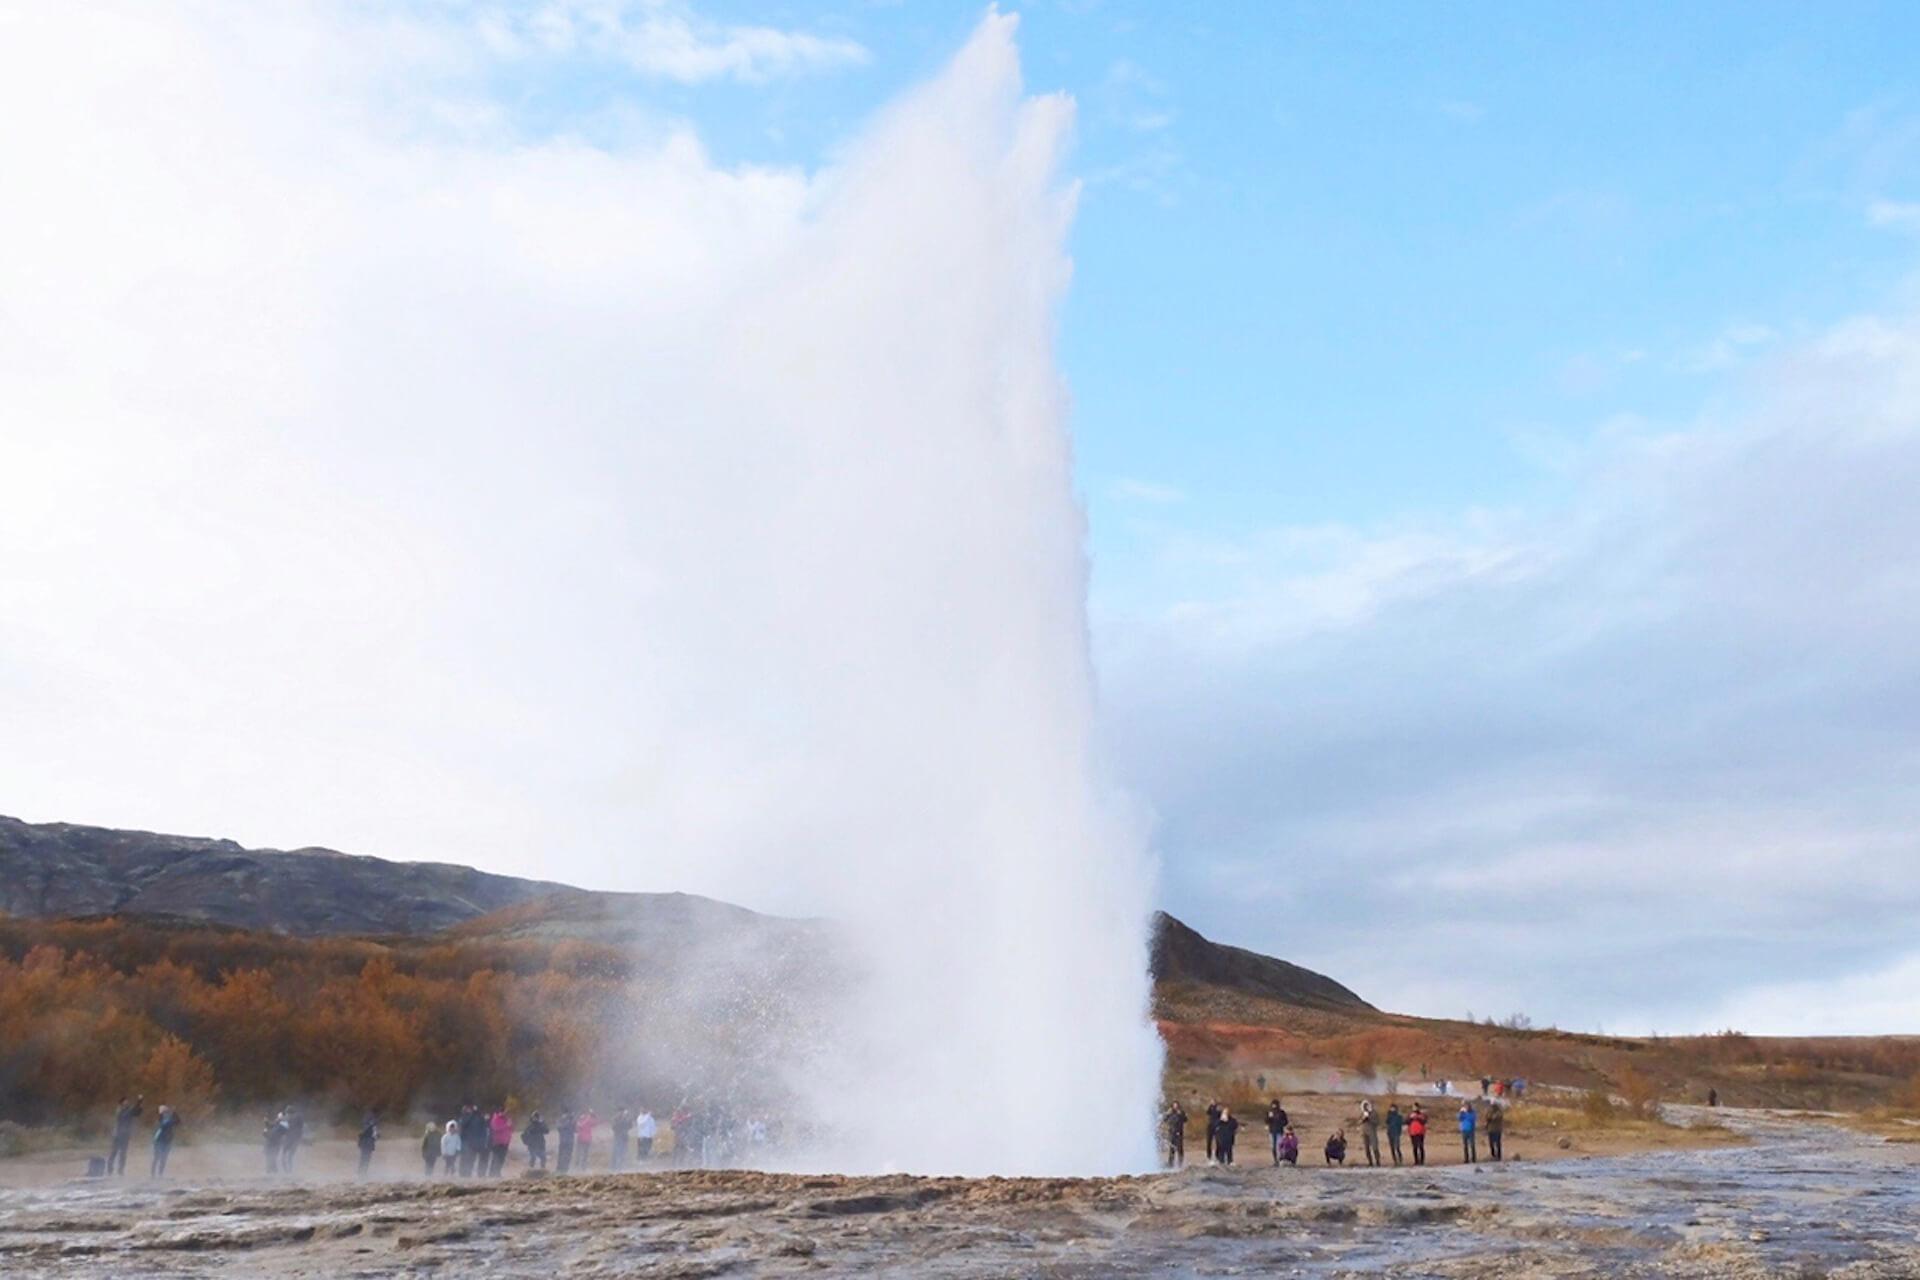 シガー・ロスやビョークの音楽が生まれた地へ。モデル・武智志穂のアイスランド旅行記 art191202_takechishiho_3